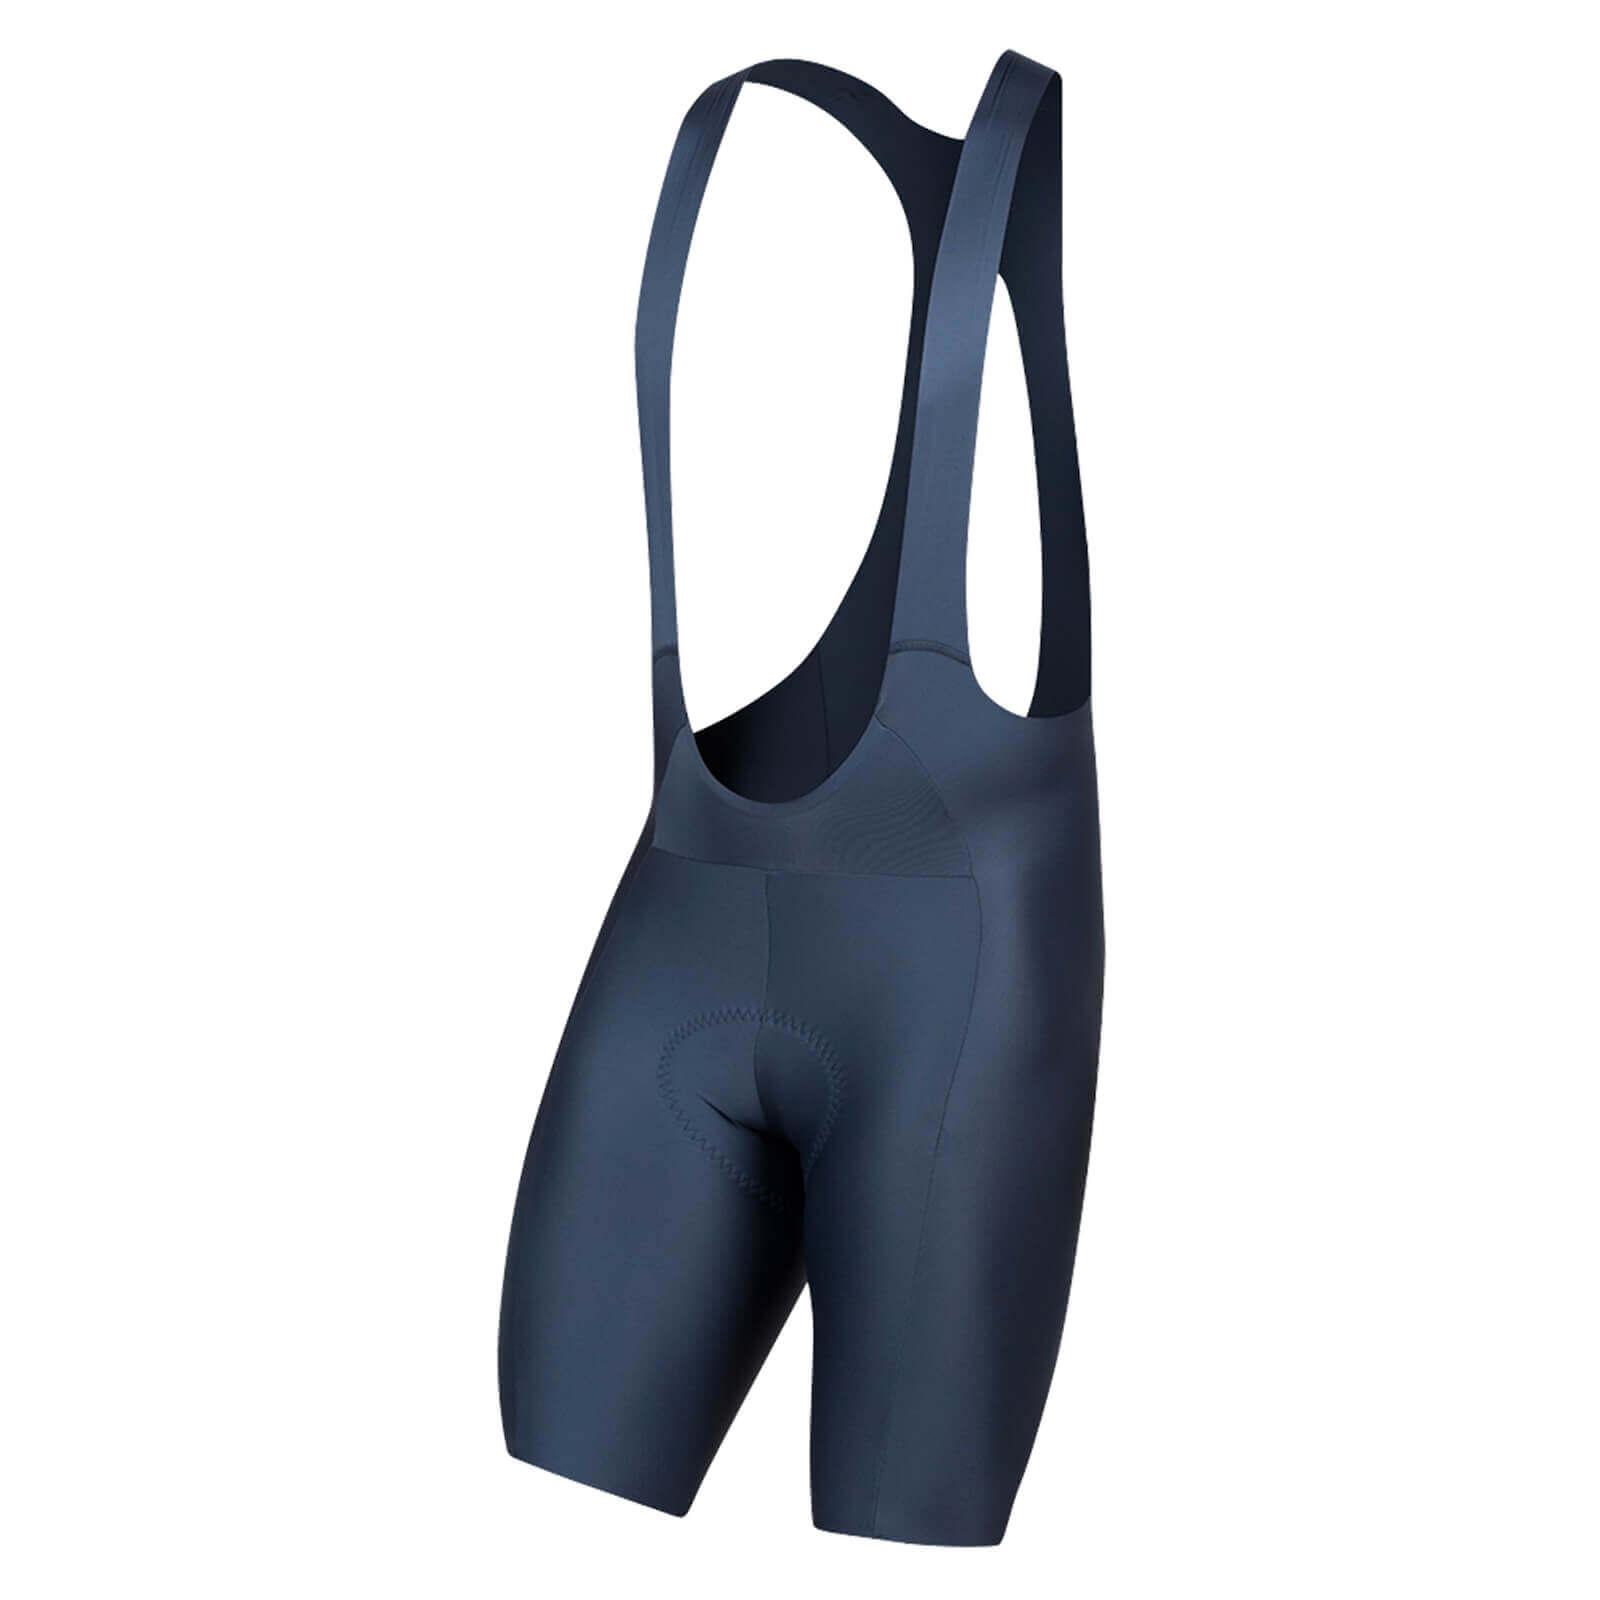 Pearl Izumi Pro Bib Shorts - L - Navy